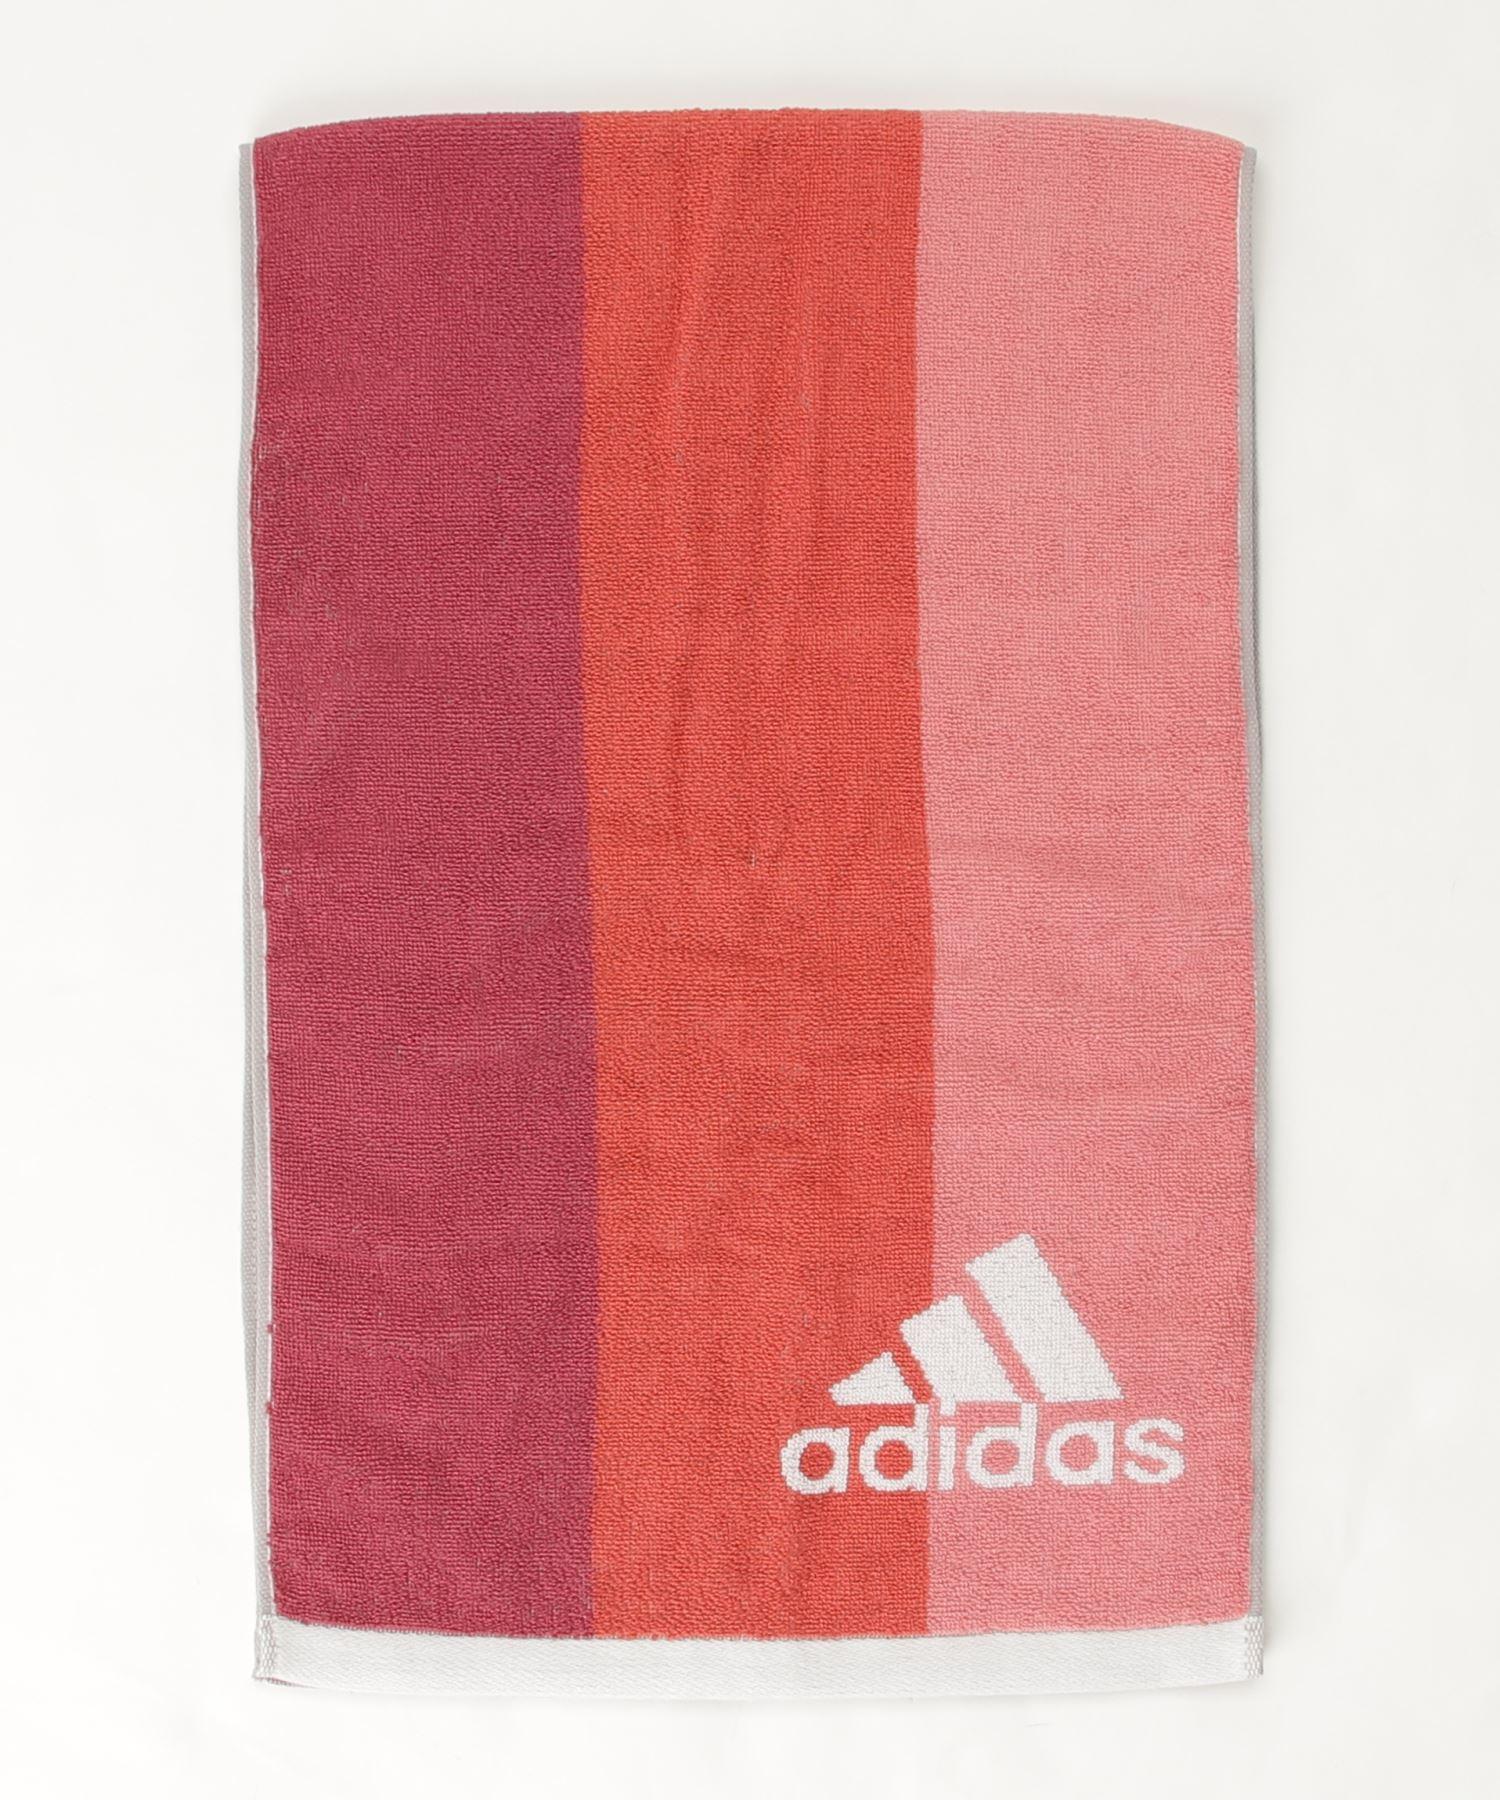 【 adidas / アディダス 】グラット スポーツタオル 06-1295150 towel TOB